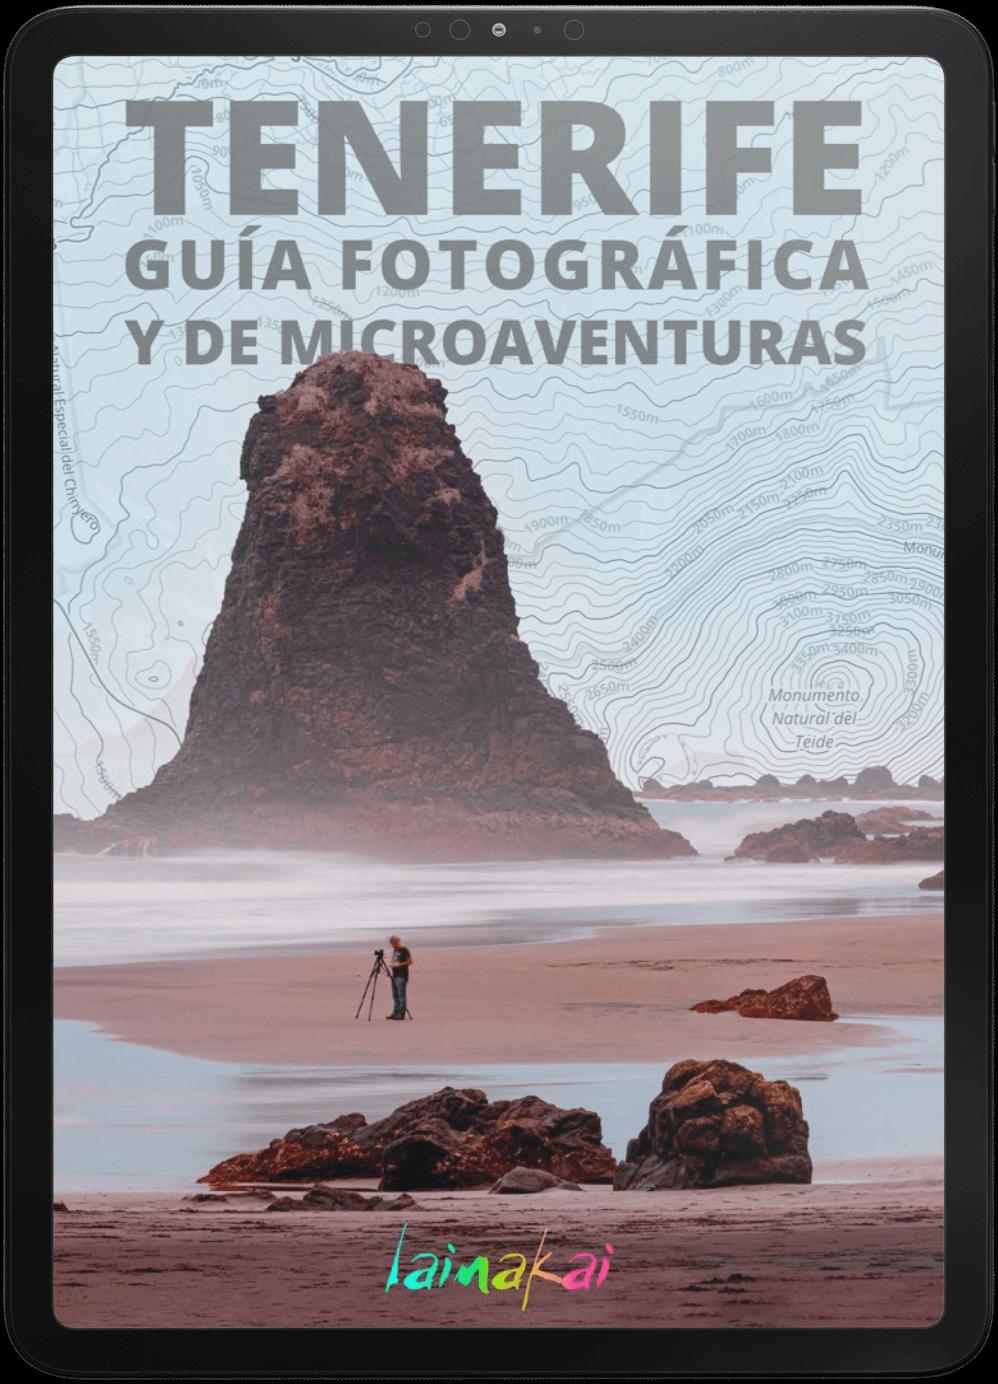 Tenerife: Guía fotográfica y de microAventuras